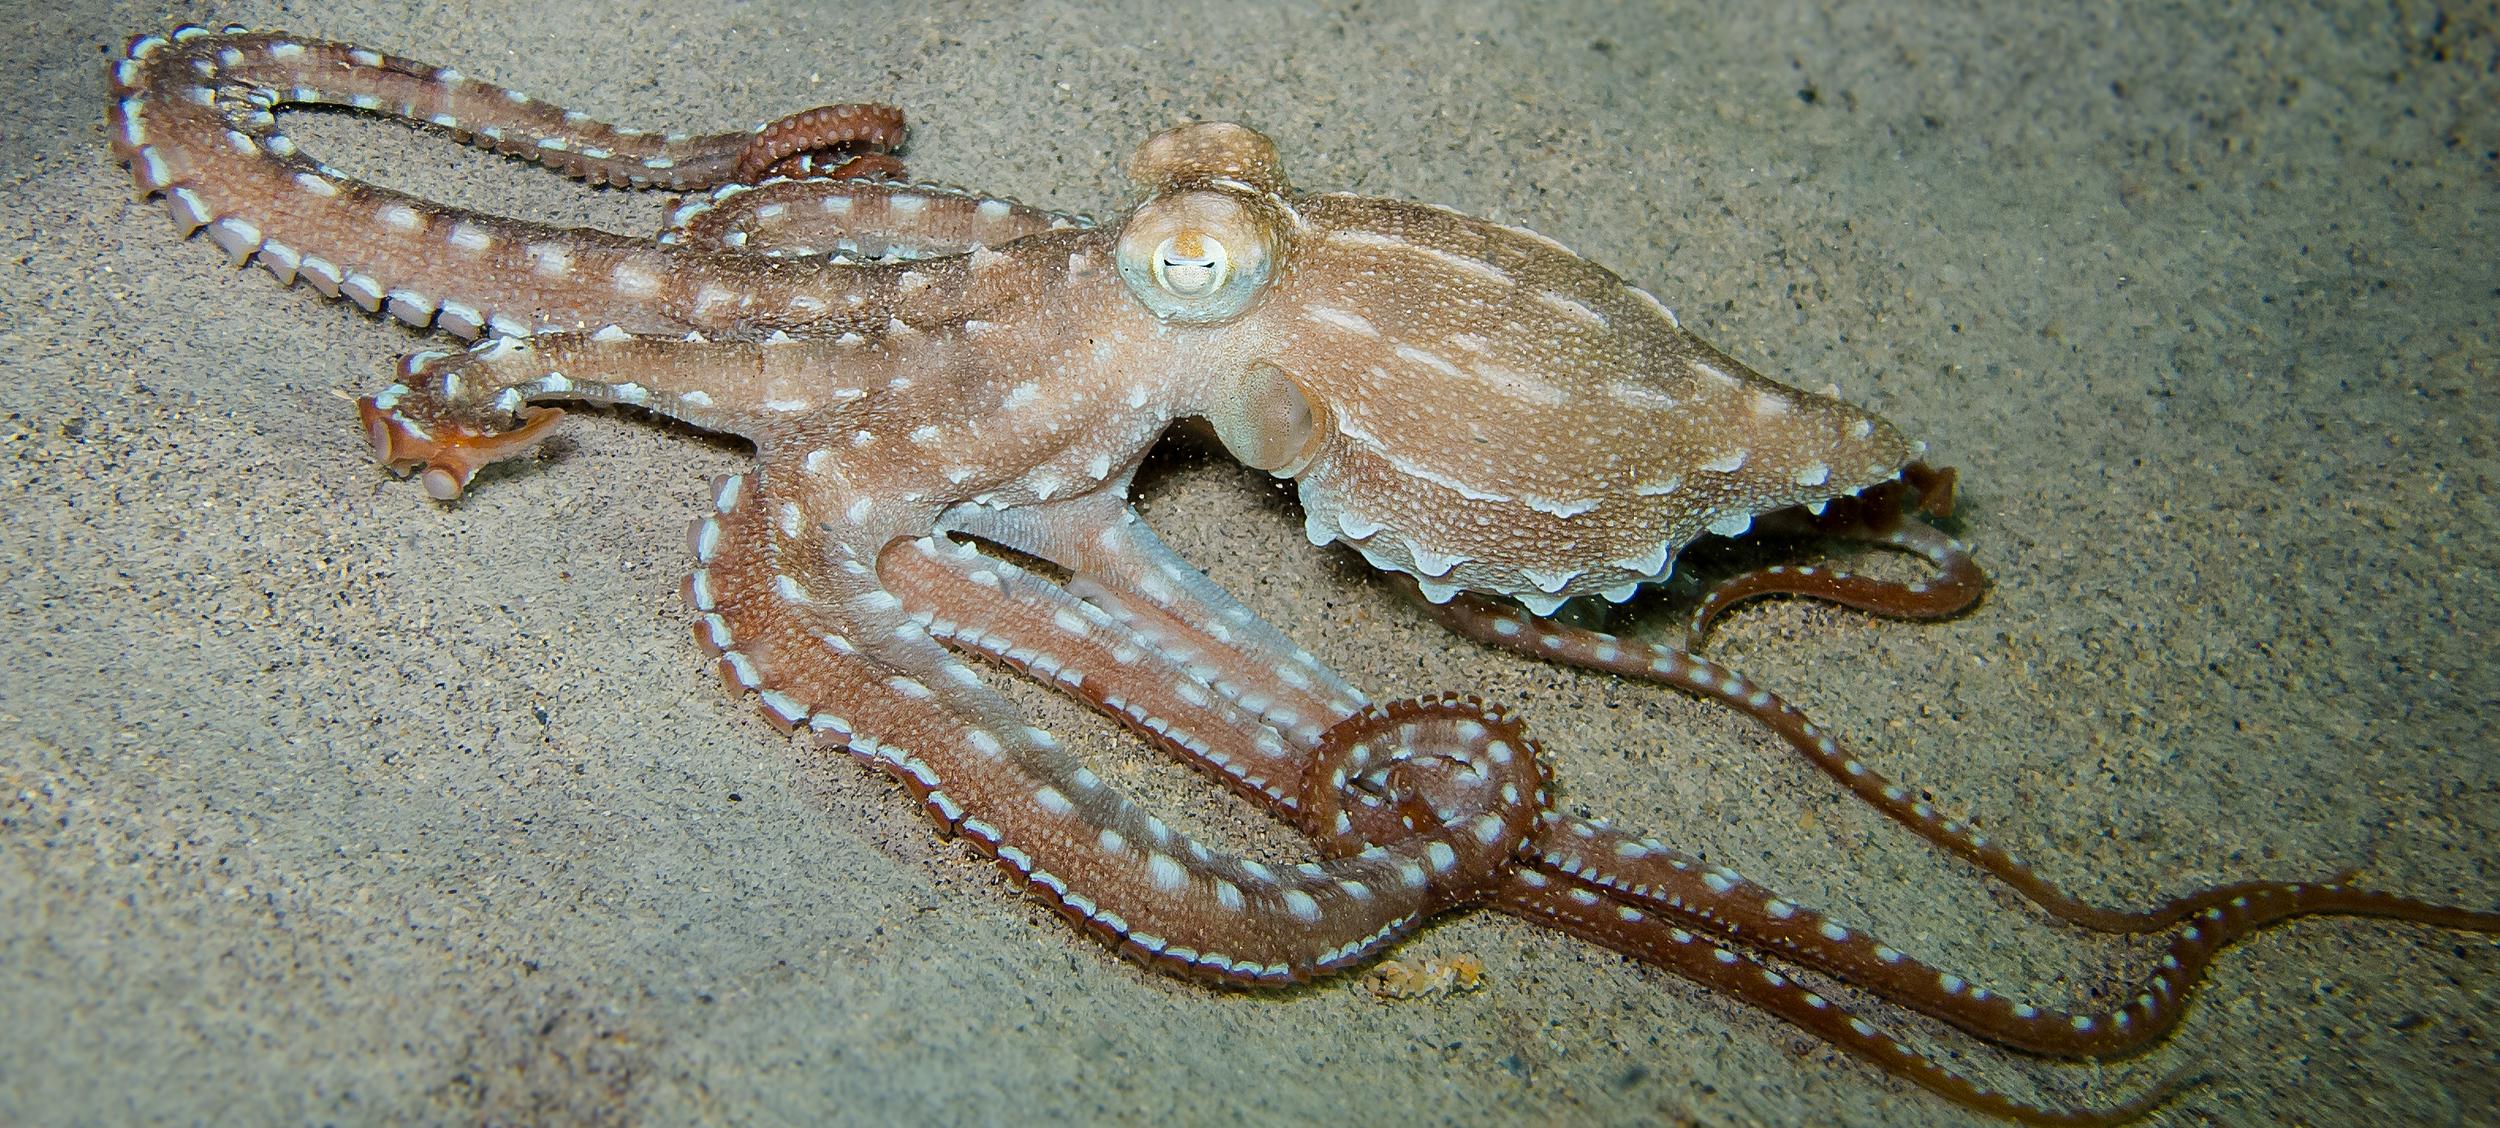 Ornate Octopus_20101207-5(Crop).jpg